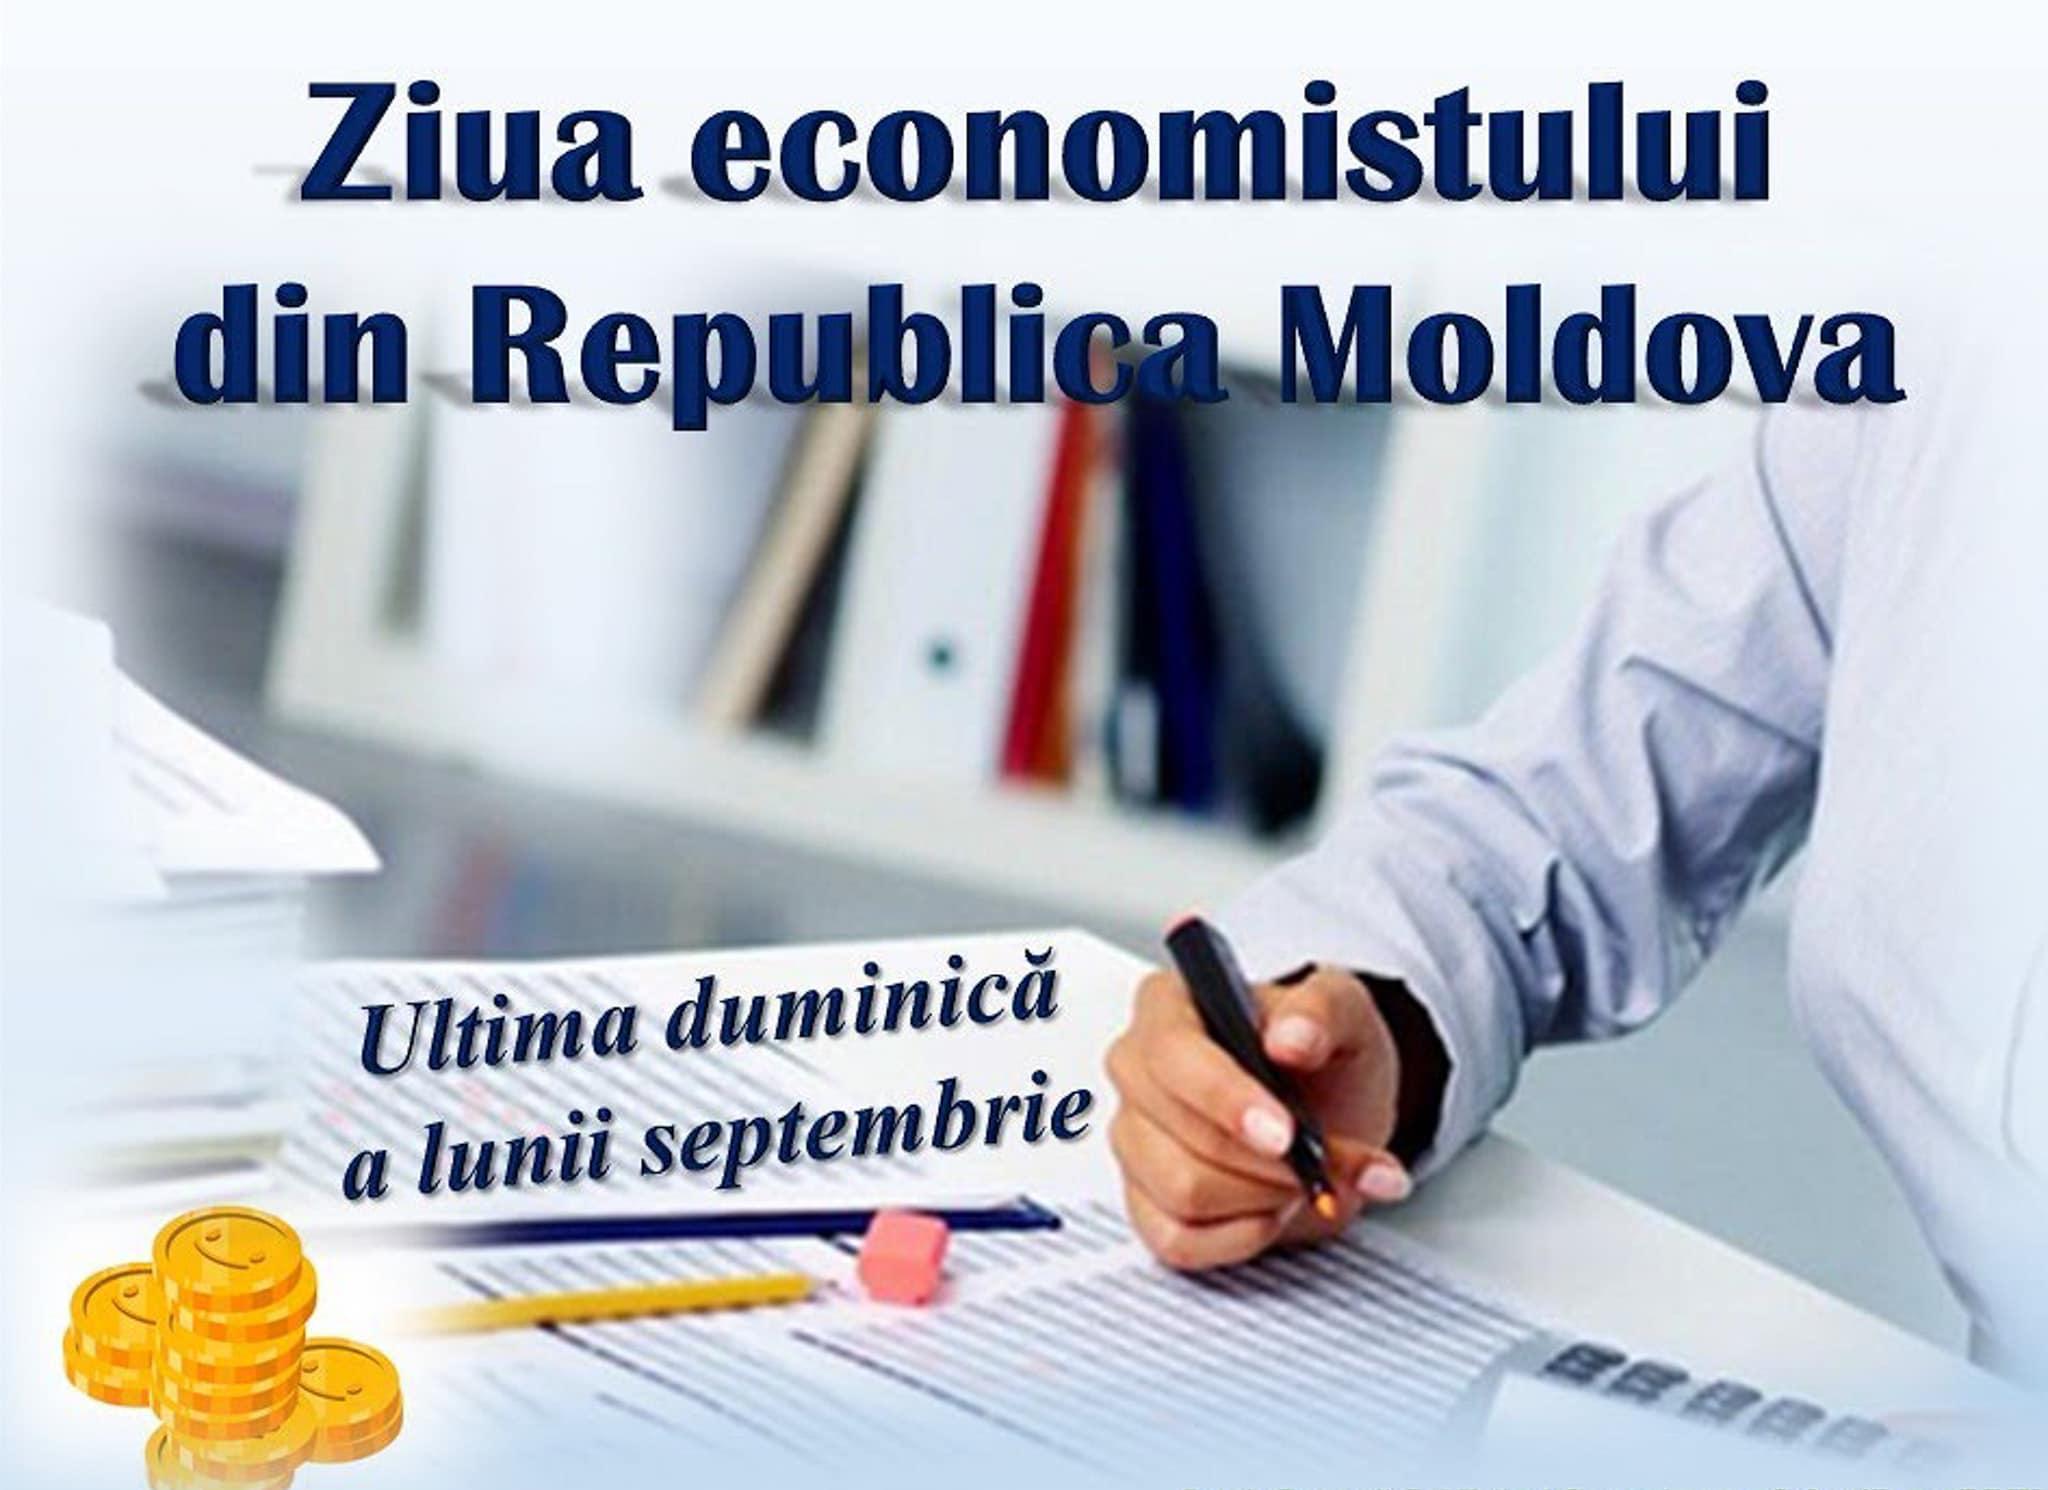 Игорь Додон поздравил экономистов с профессиональным праздником